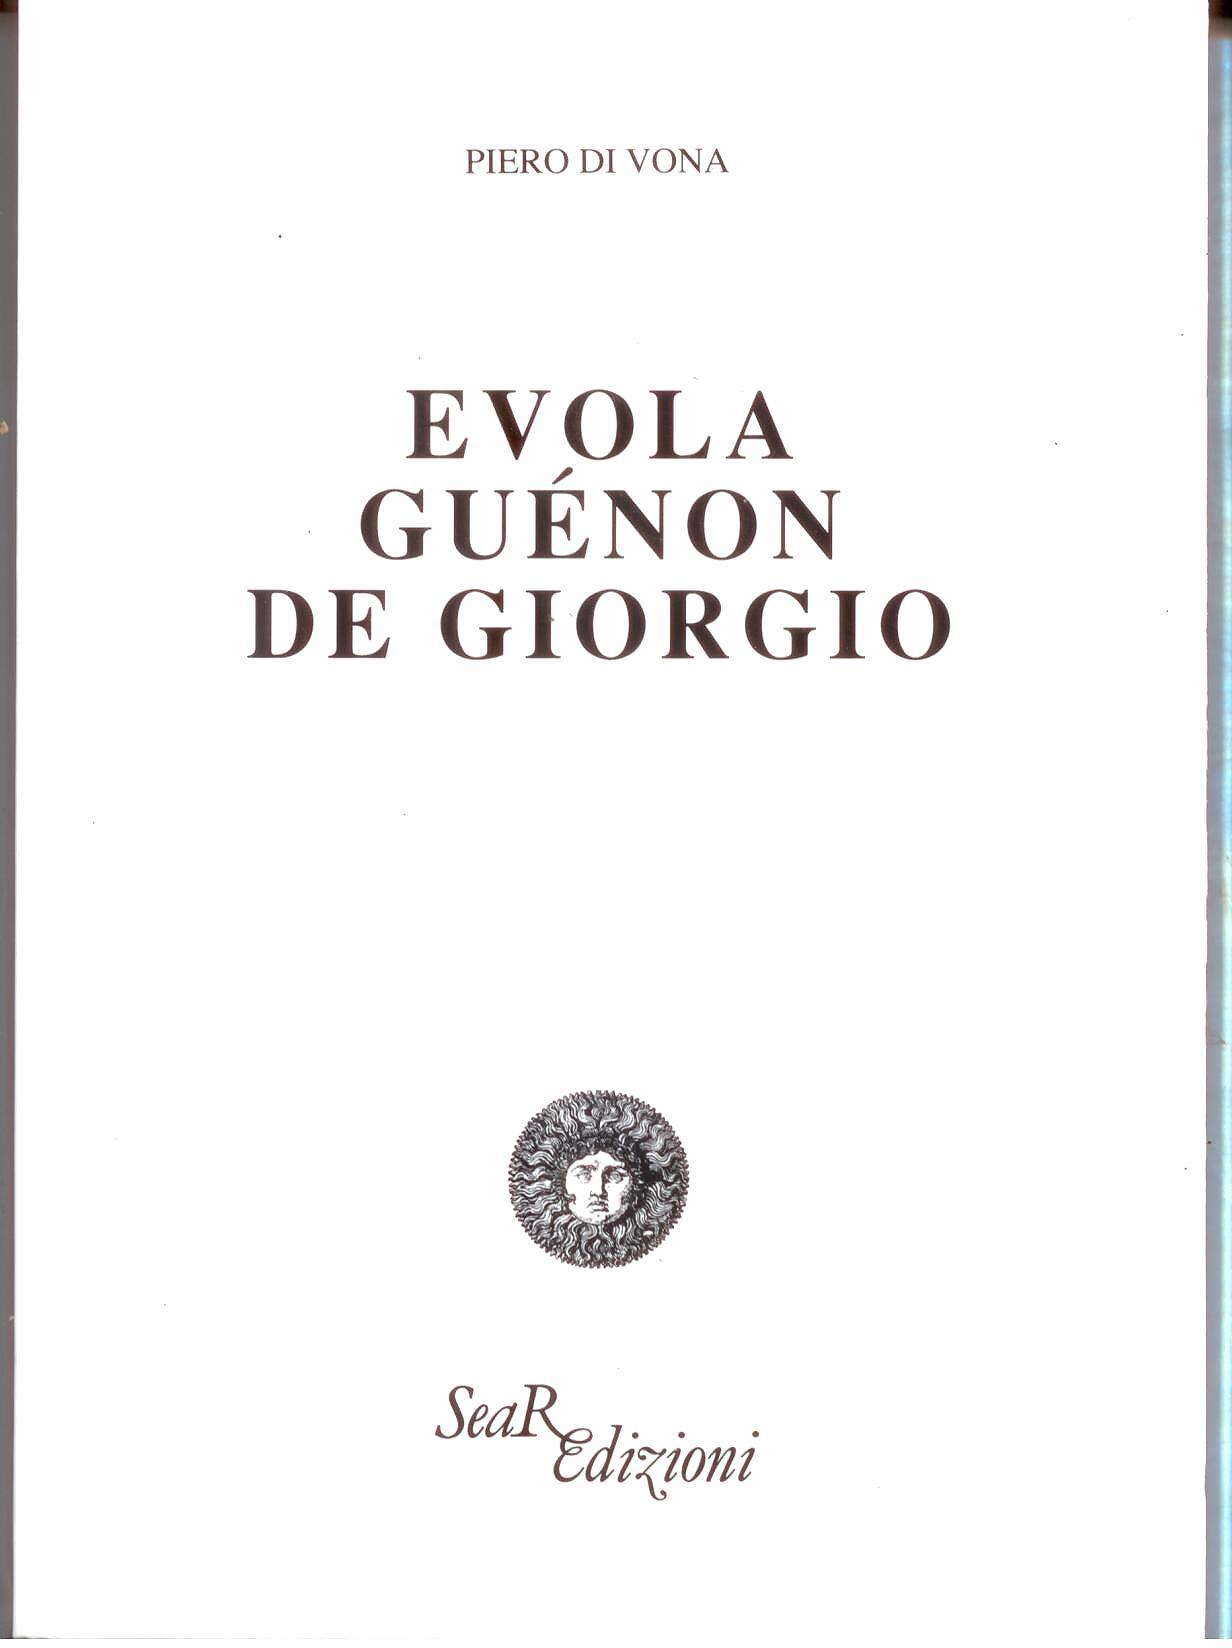 Evola, Guénon, De Giorgio